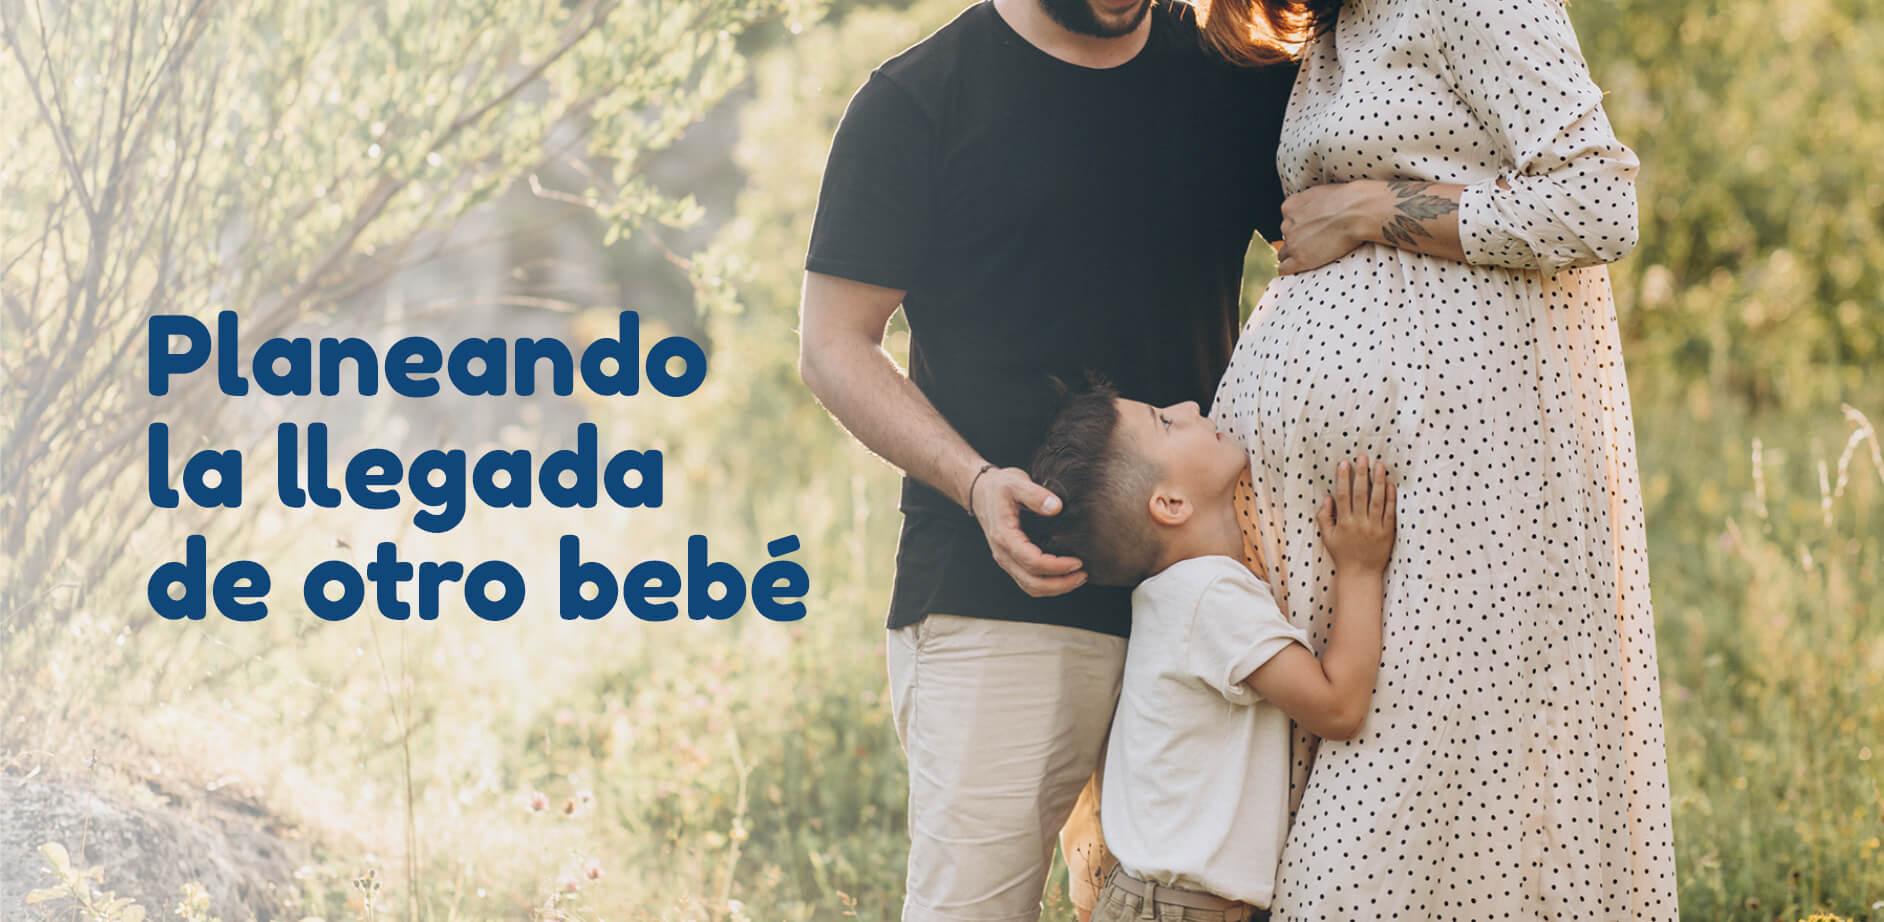 Planeando la llegada de otro bebé